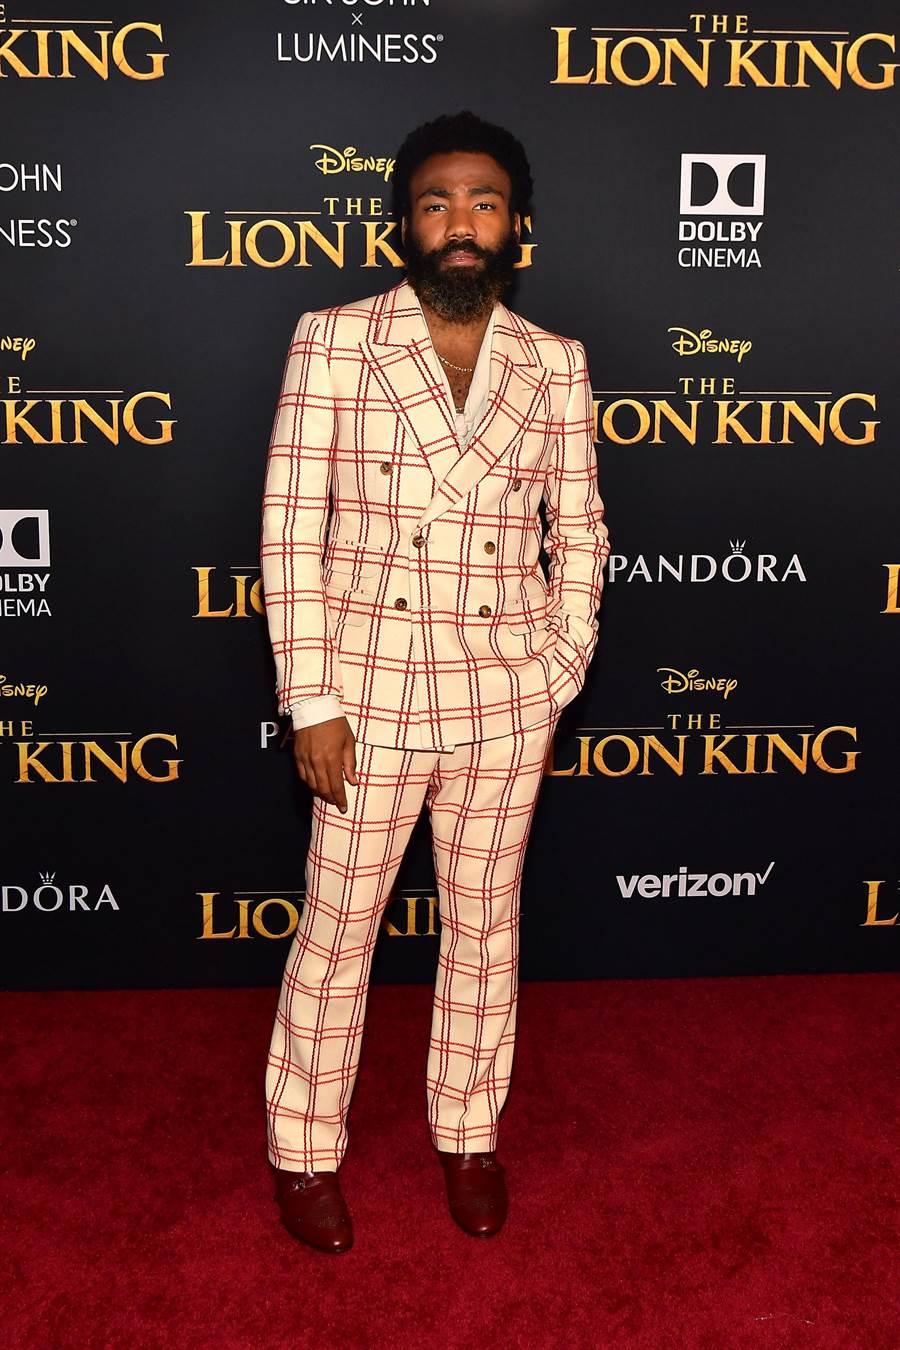 在電影《獅子王》為辛巴配音的唐納葛洛佛穿著GUCCI秋冬男士白紅色系格紋排扣劍領西裝,粗獷中不減斯文。(GUCCI提供)